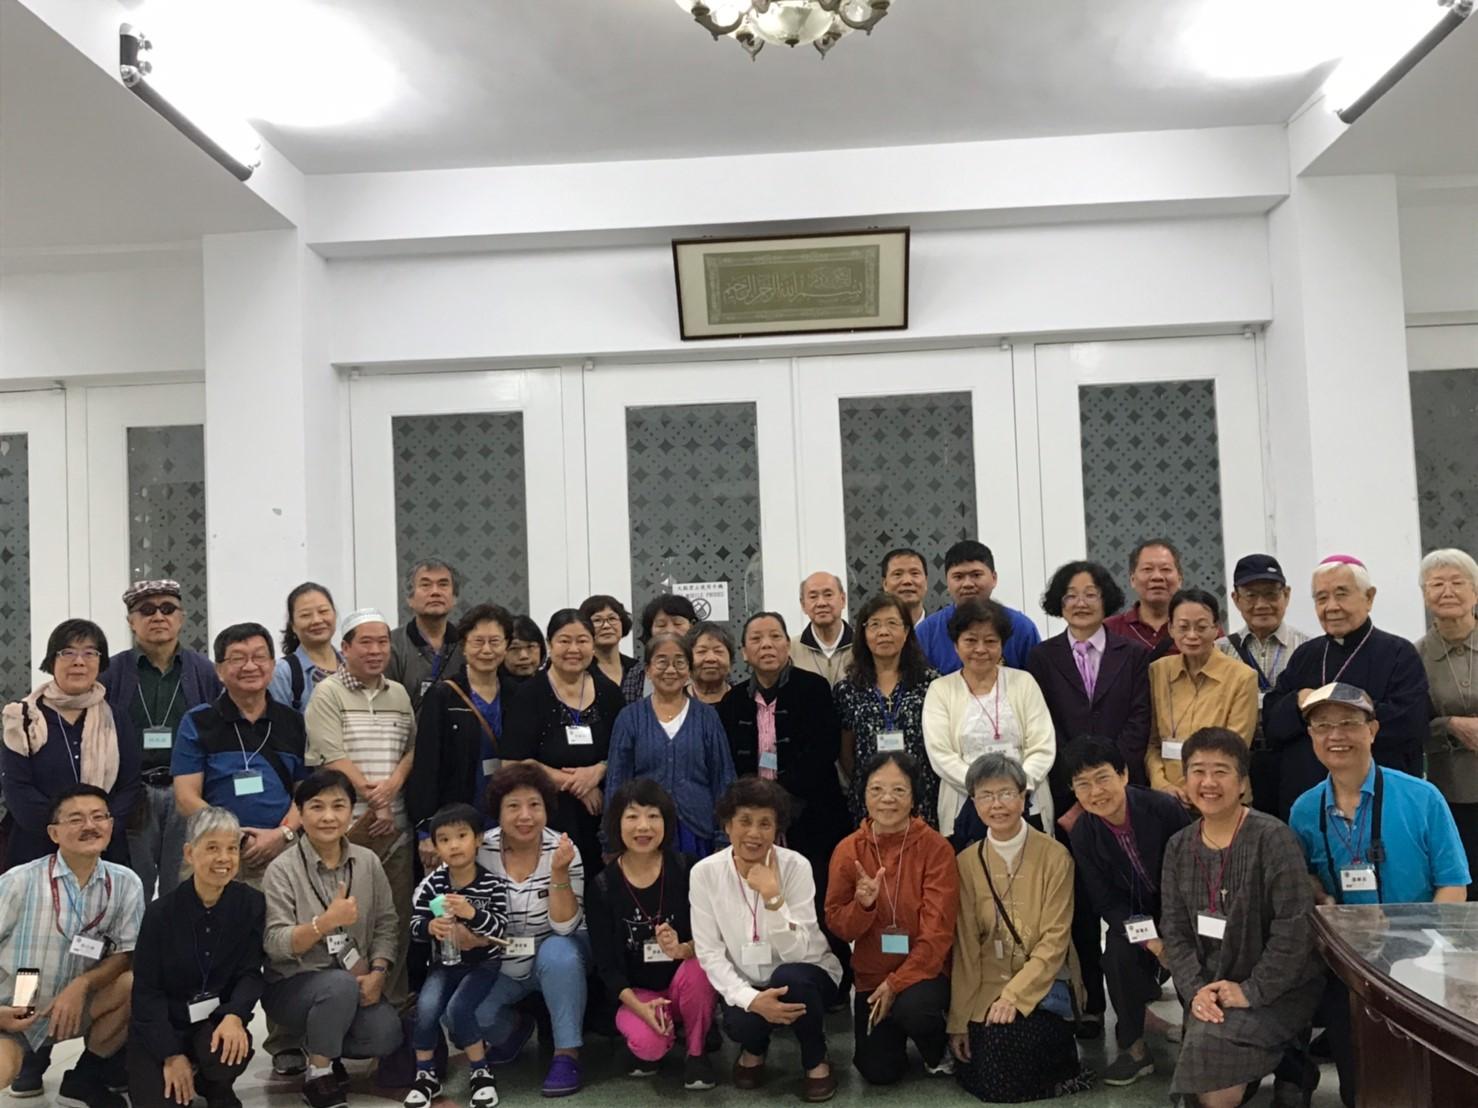 092119參訪清真寺、笑的藝術_191004_0063.jpg